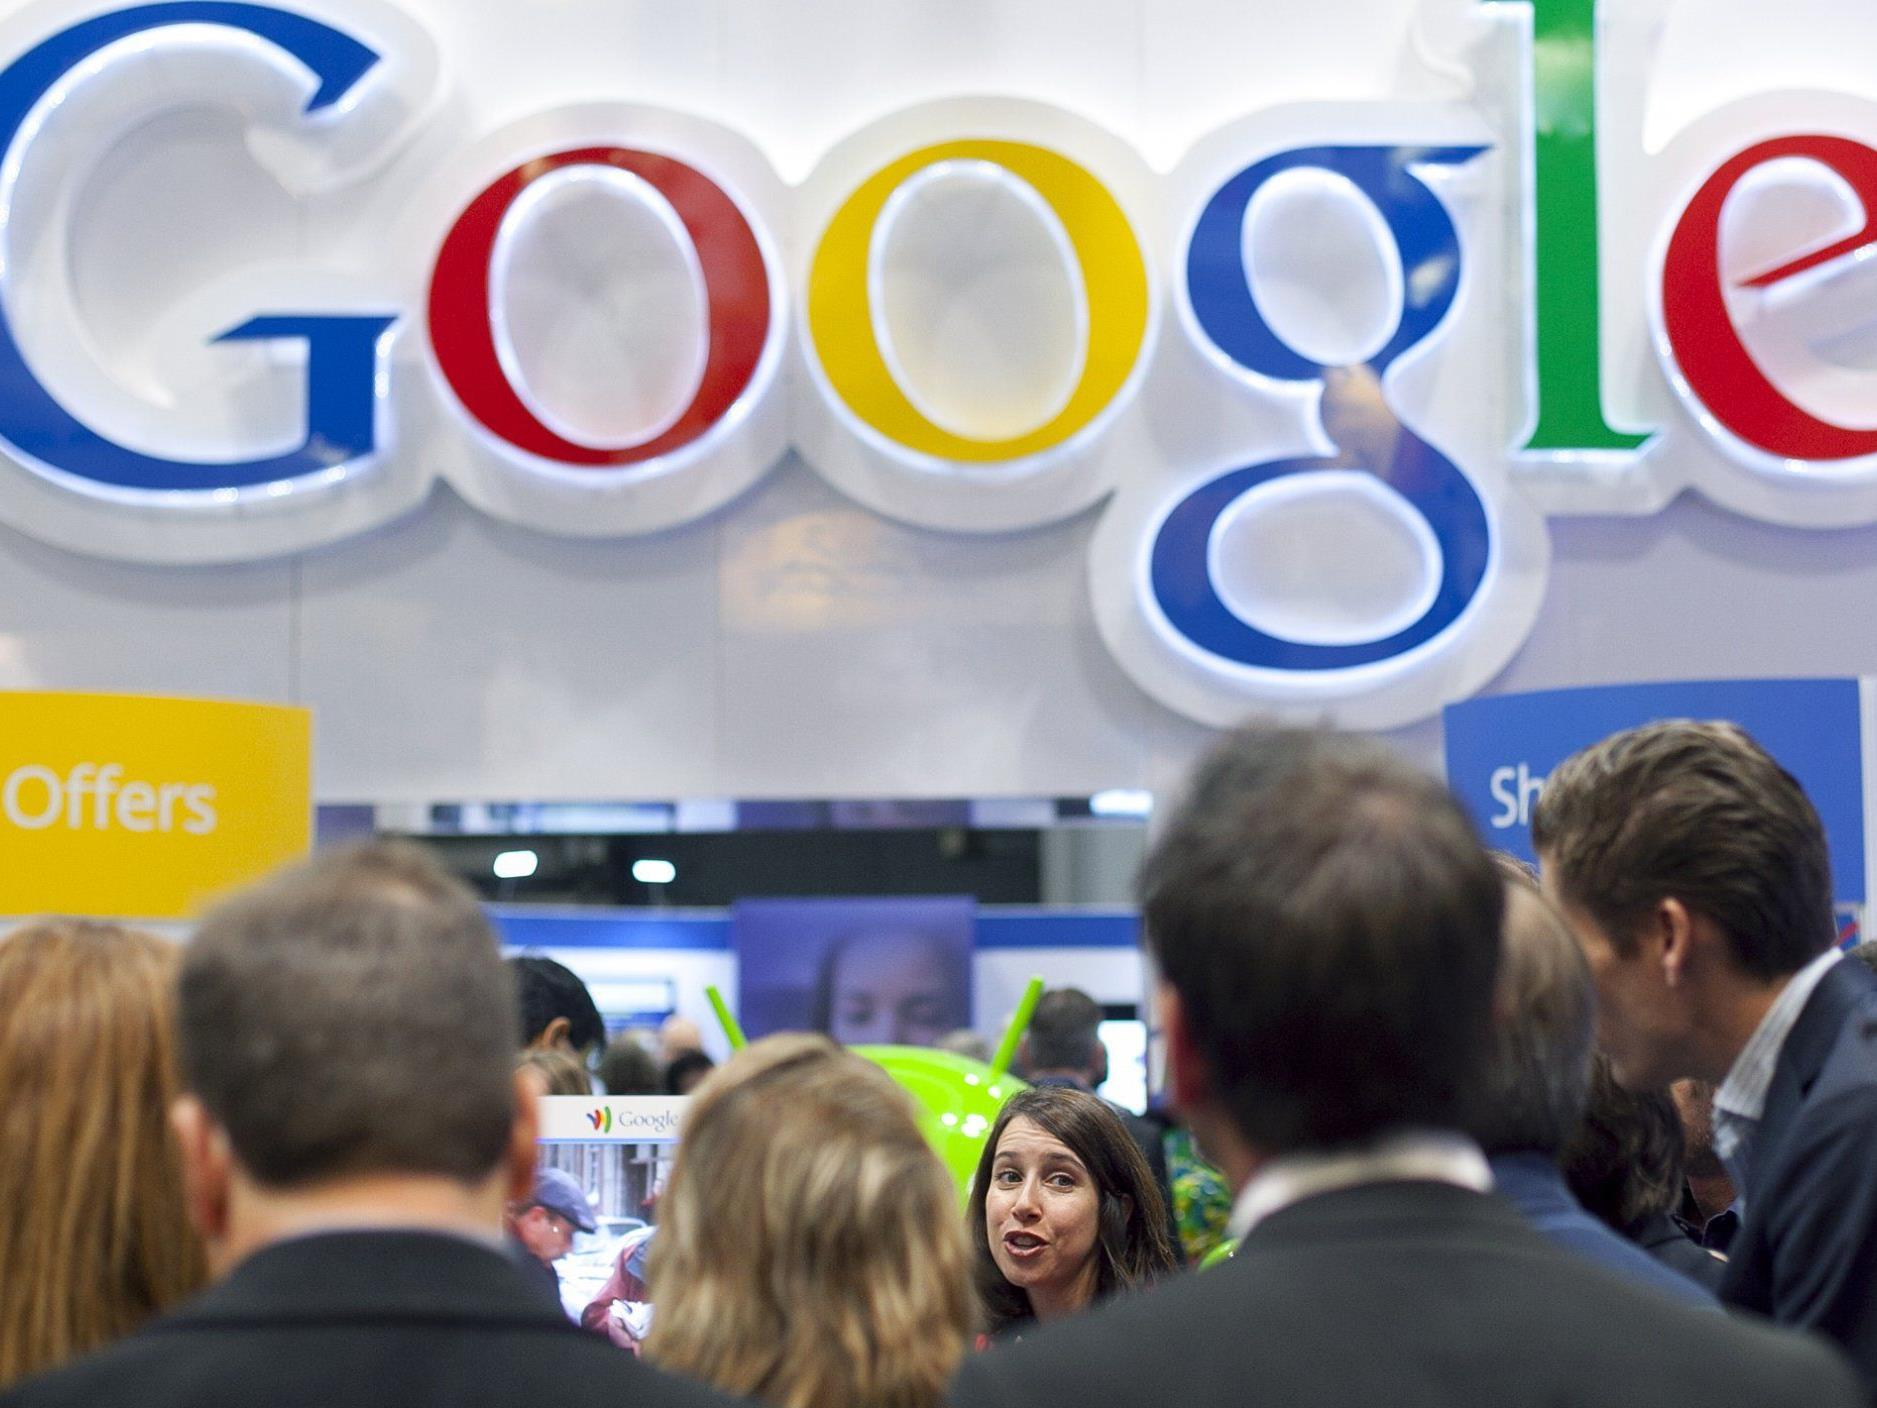 """Durch die """"Semantische Suche"""" will Google die Trefferquote verbessern."""